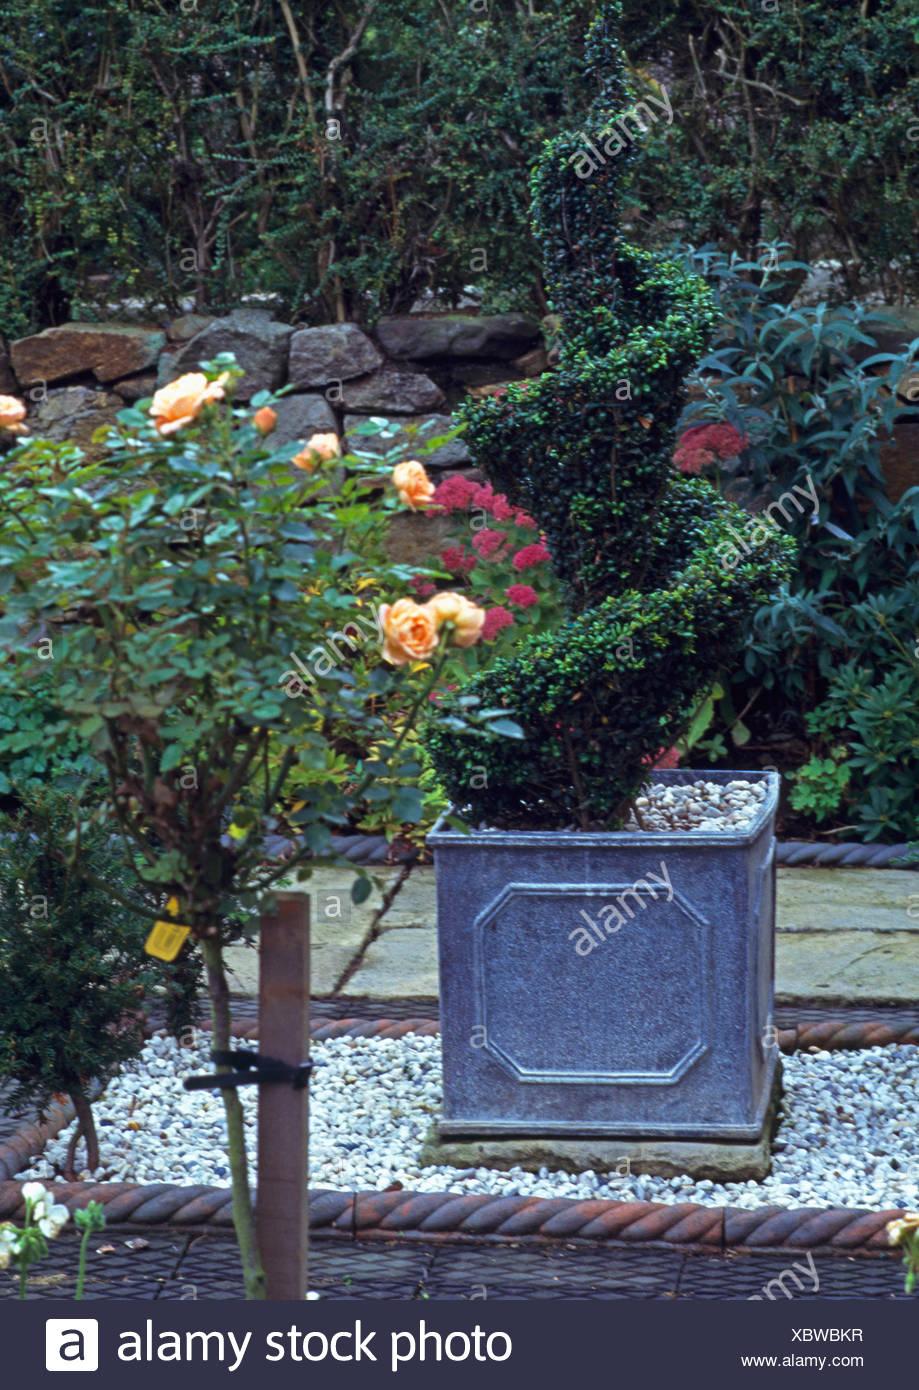 Box Hecke In Schiefer Blumenkasten Auf Kies Bereich Neben Blass